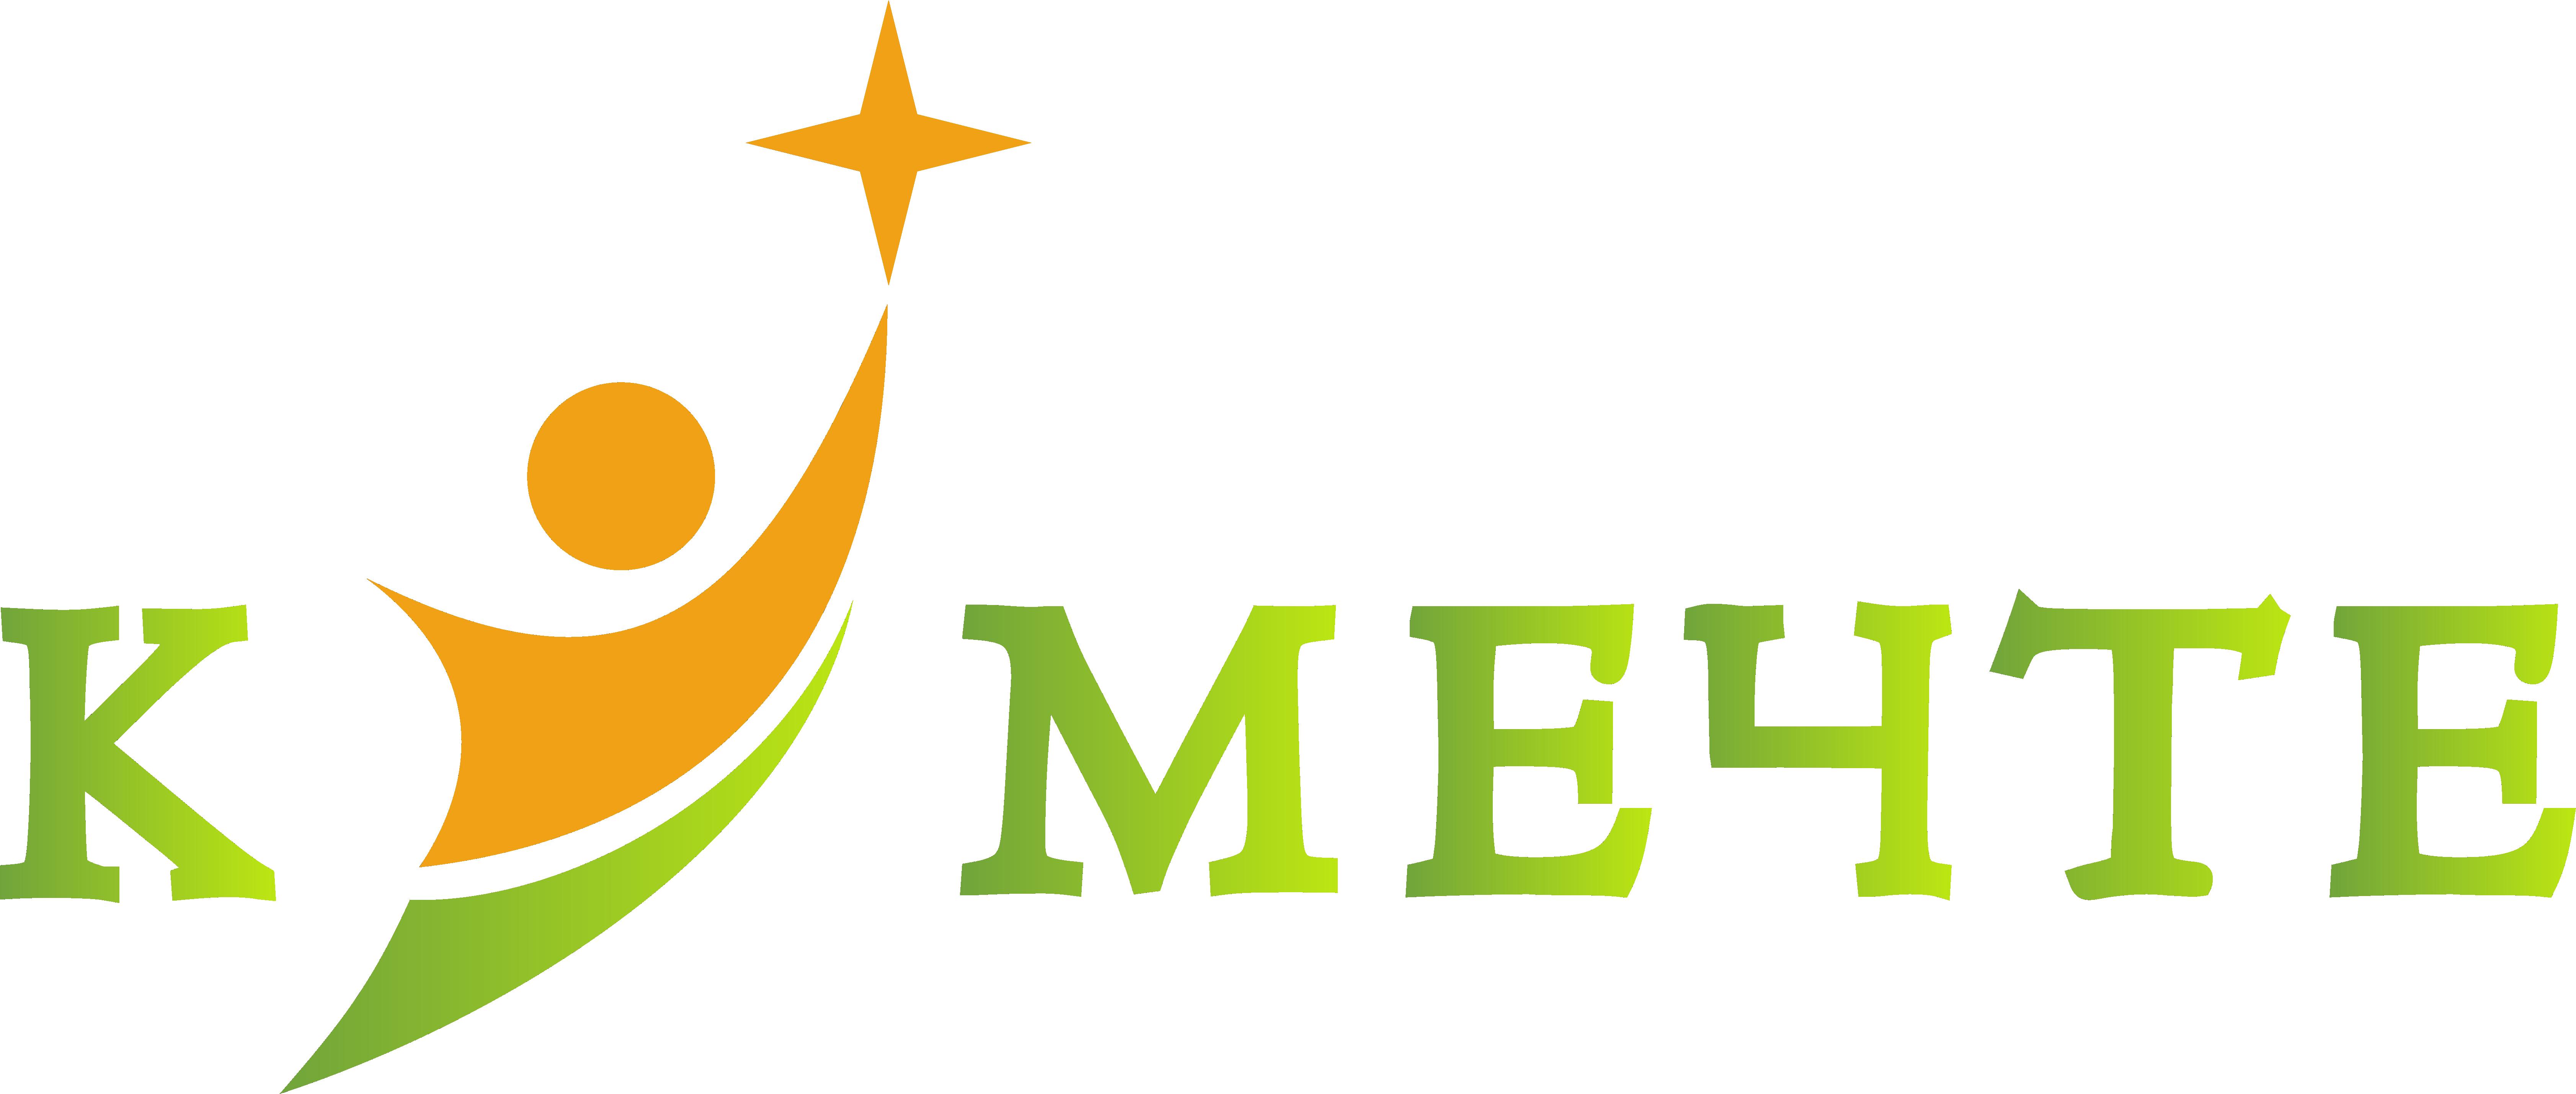 Центр подготовки, повышения квалификации и переподготовки рабочих К МЕЧТЕ